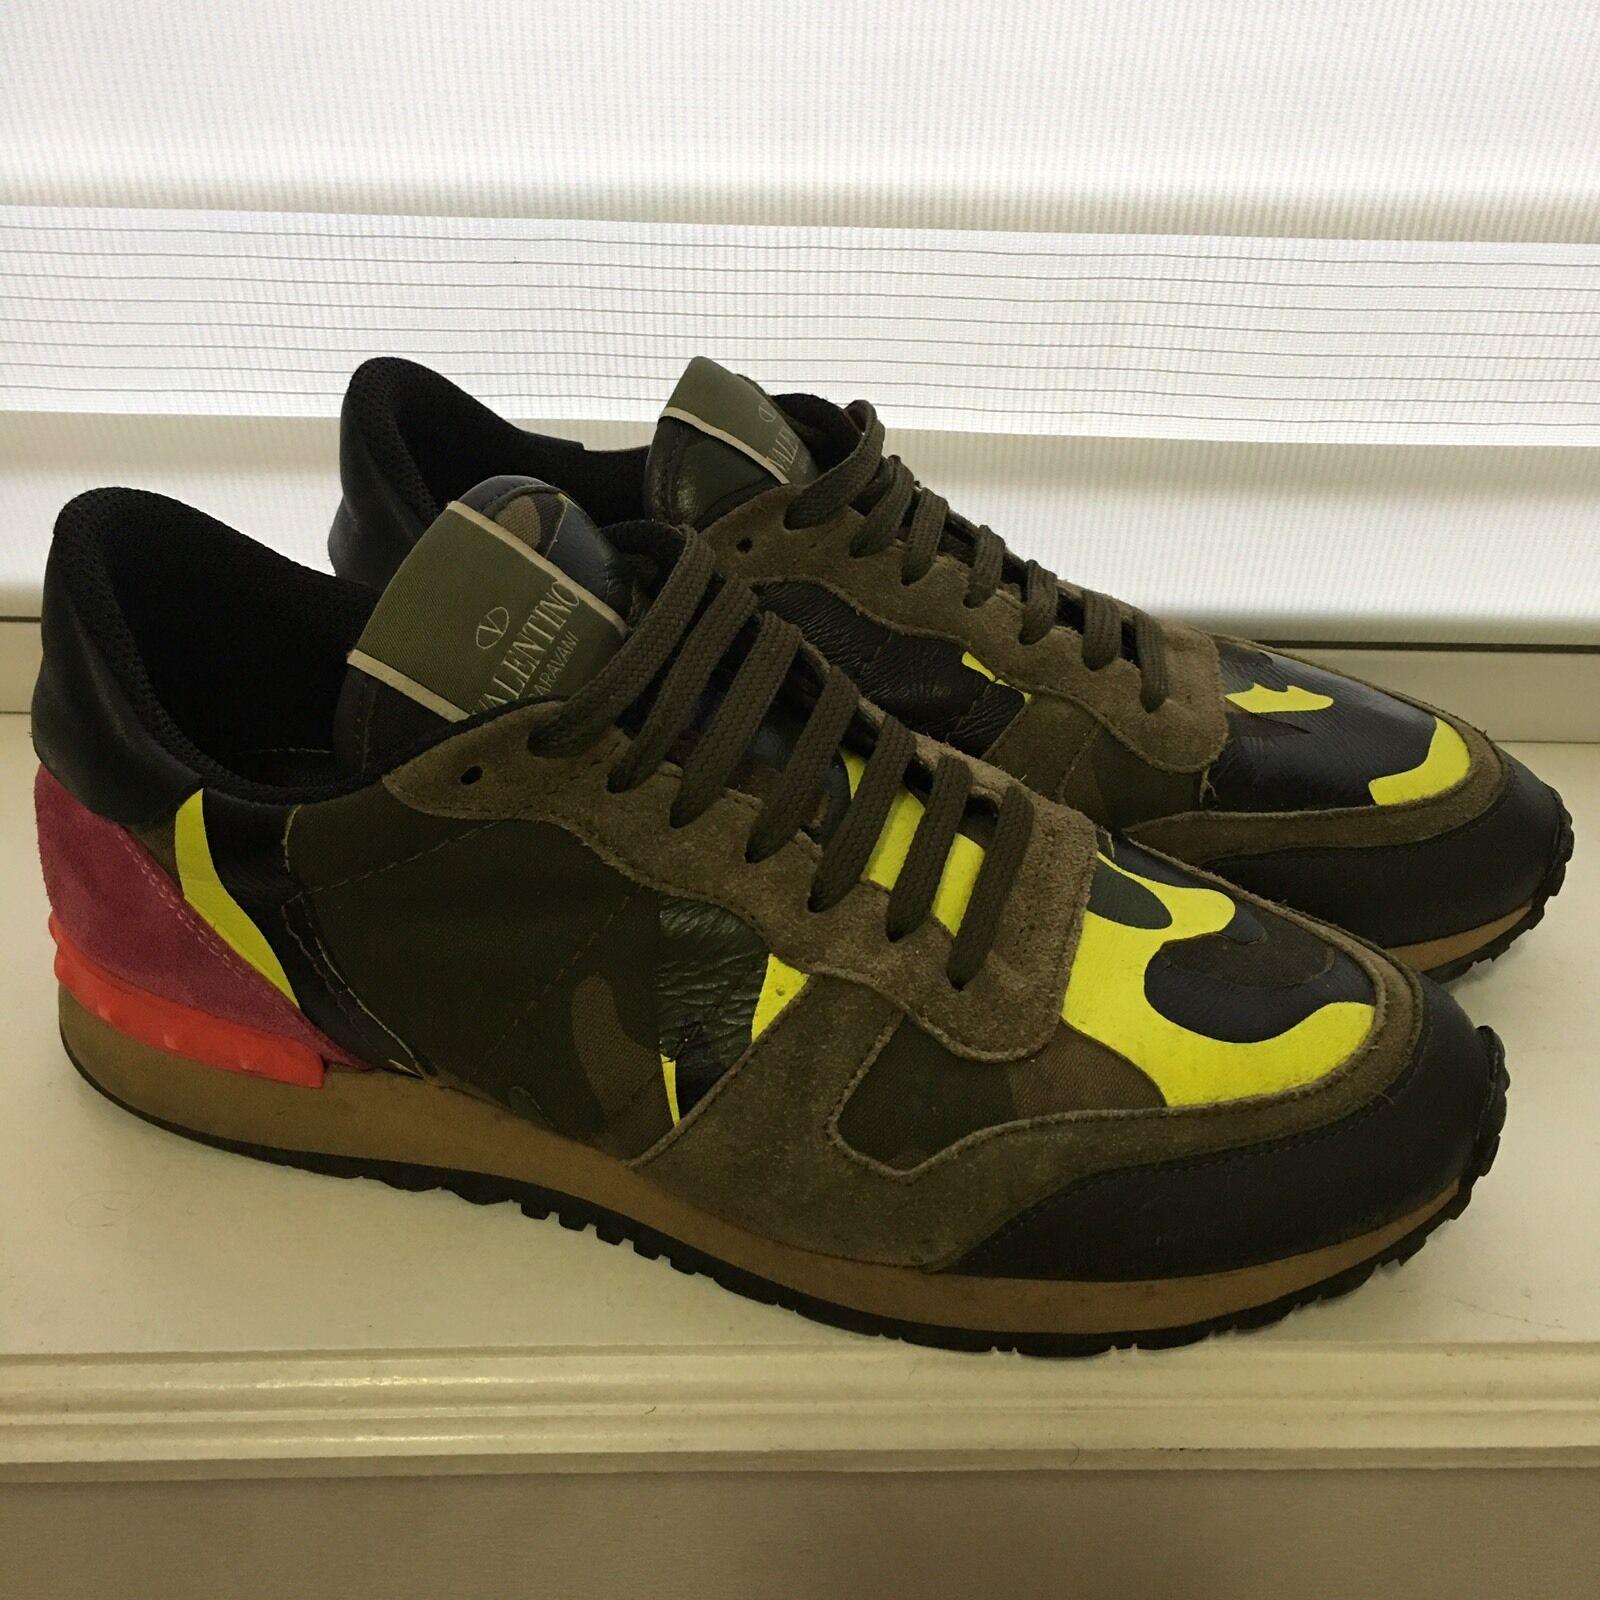 Valentino Garavani Camouflage Rock springaners gul grön skor skor skor skor Italien 40  kom att välja din egen sportstil